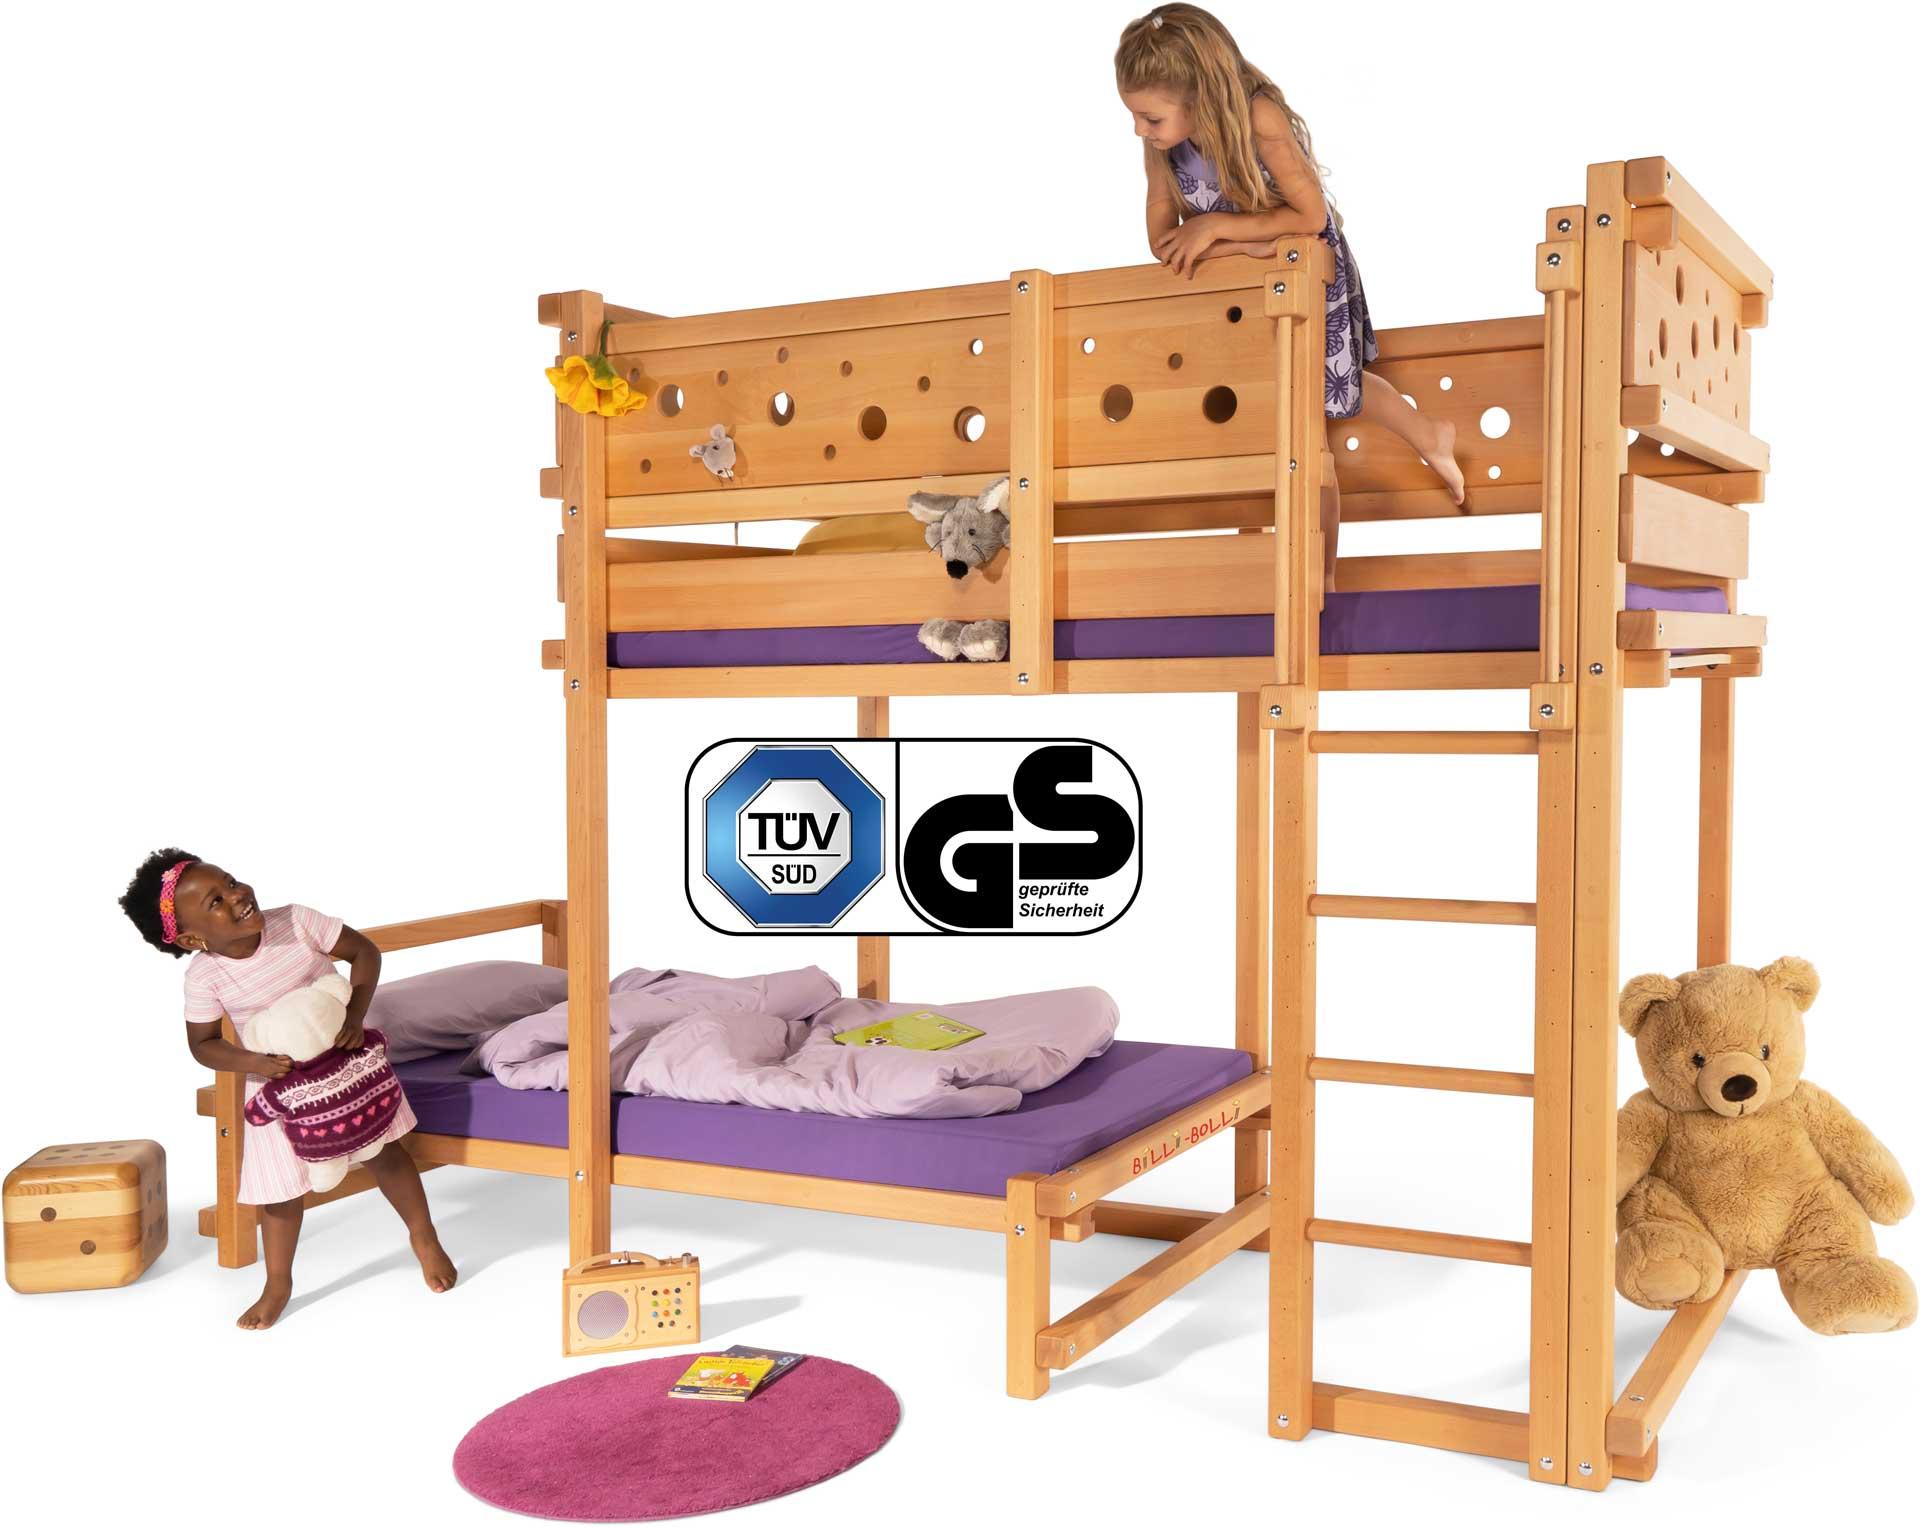 Kinderbetten, Hochbetten und Etagenbetten von Billi-Bolli